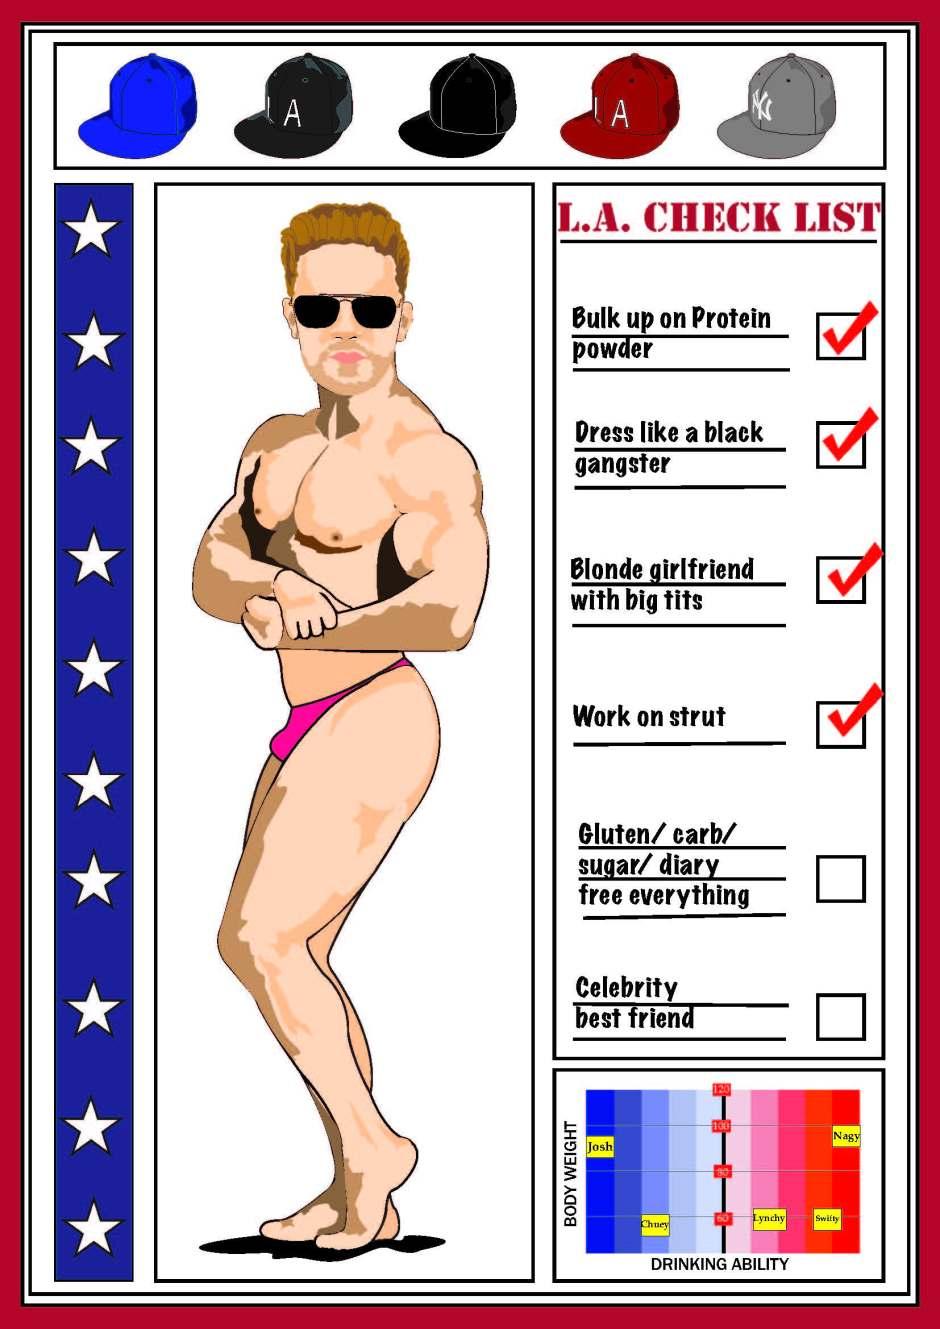 Josh.Babe card